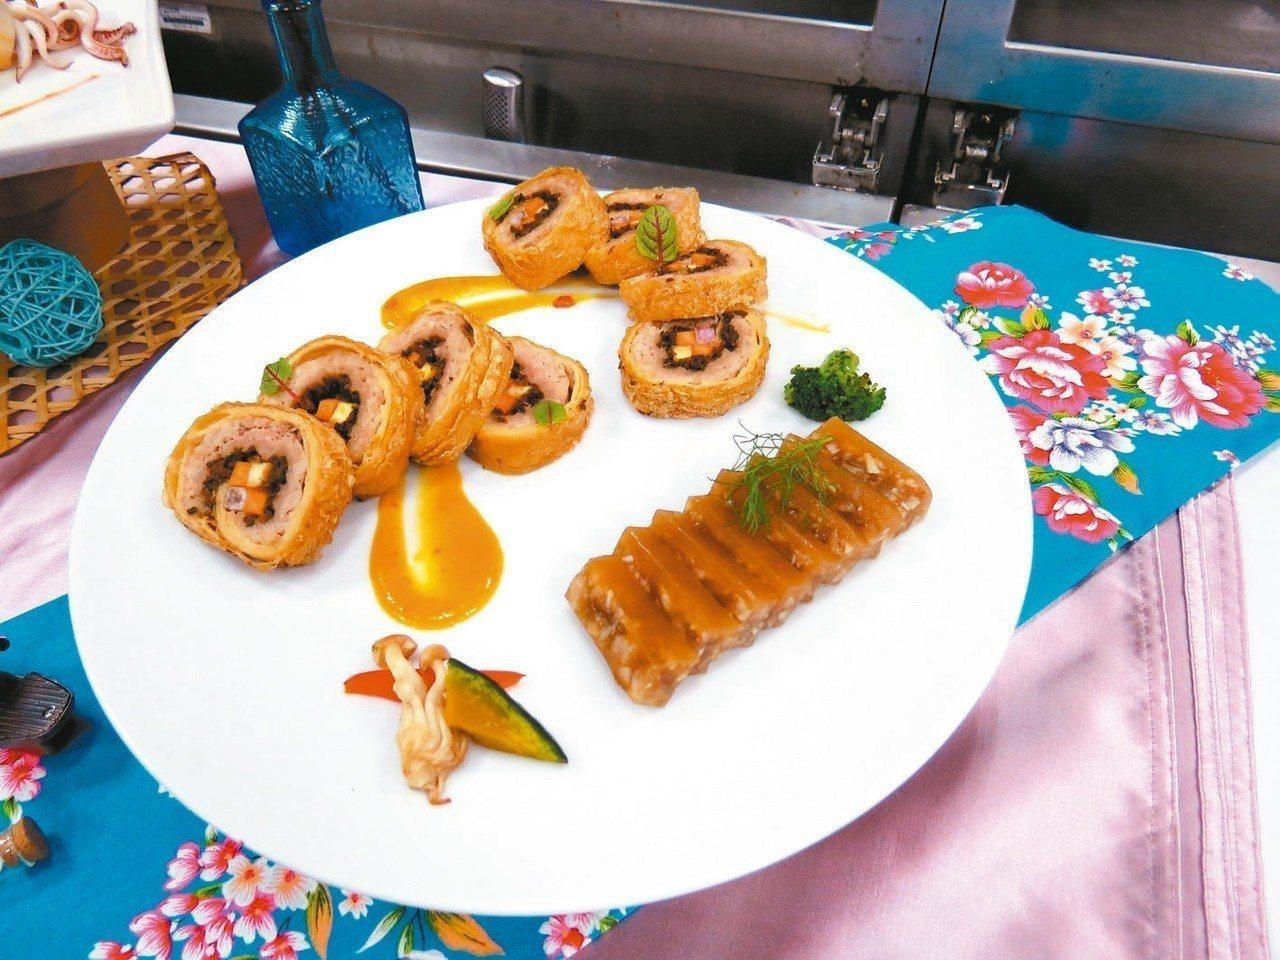 梅香腐皮豬肉捲佐桔醬 照片:城市科大/提供